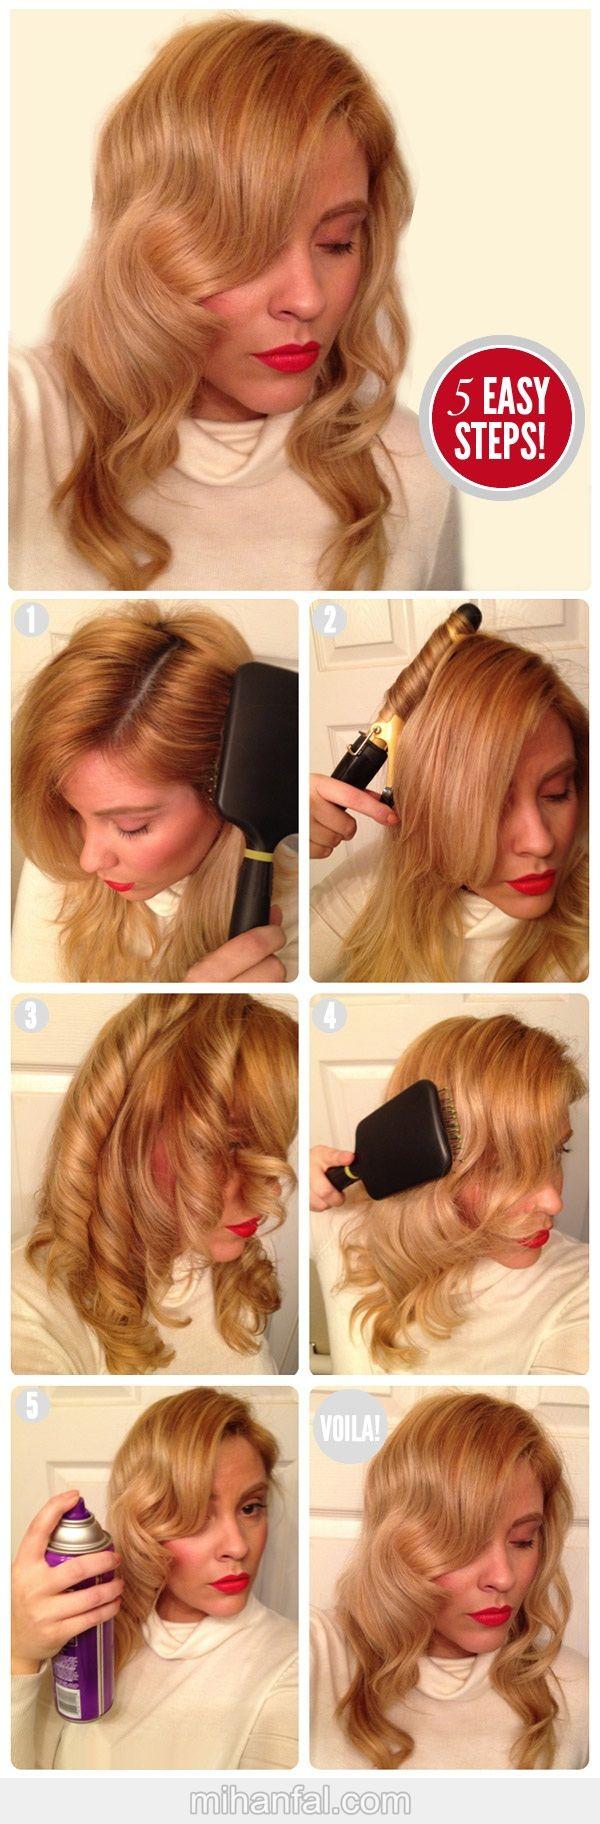 آموزش تصویری درست کردن مو به سبک هالیوودی